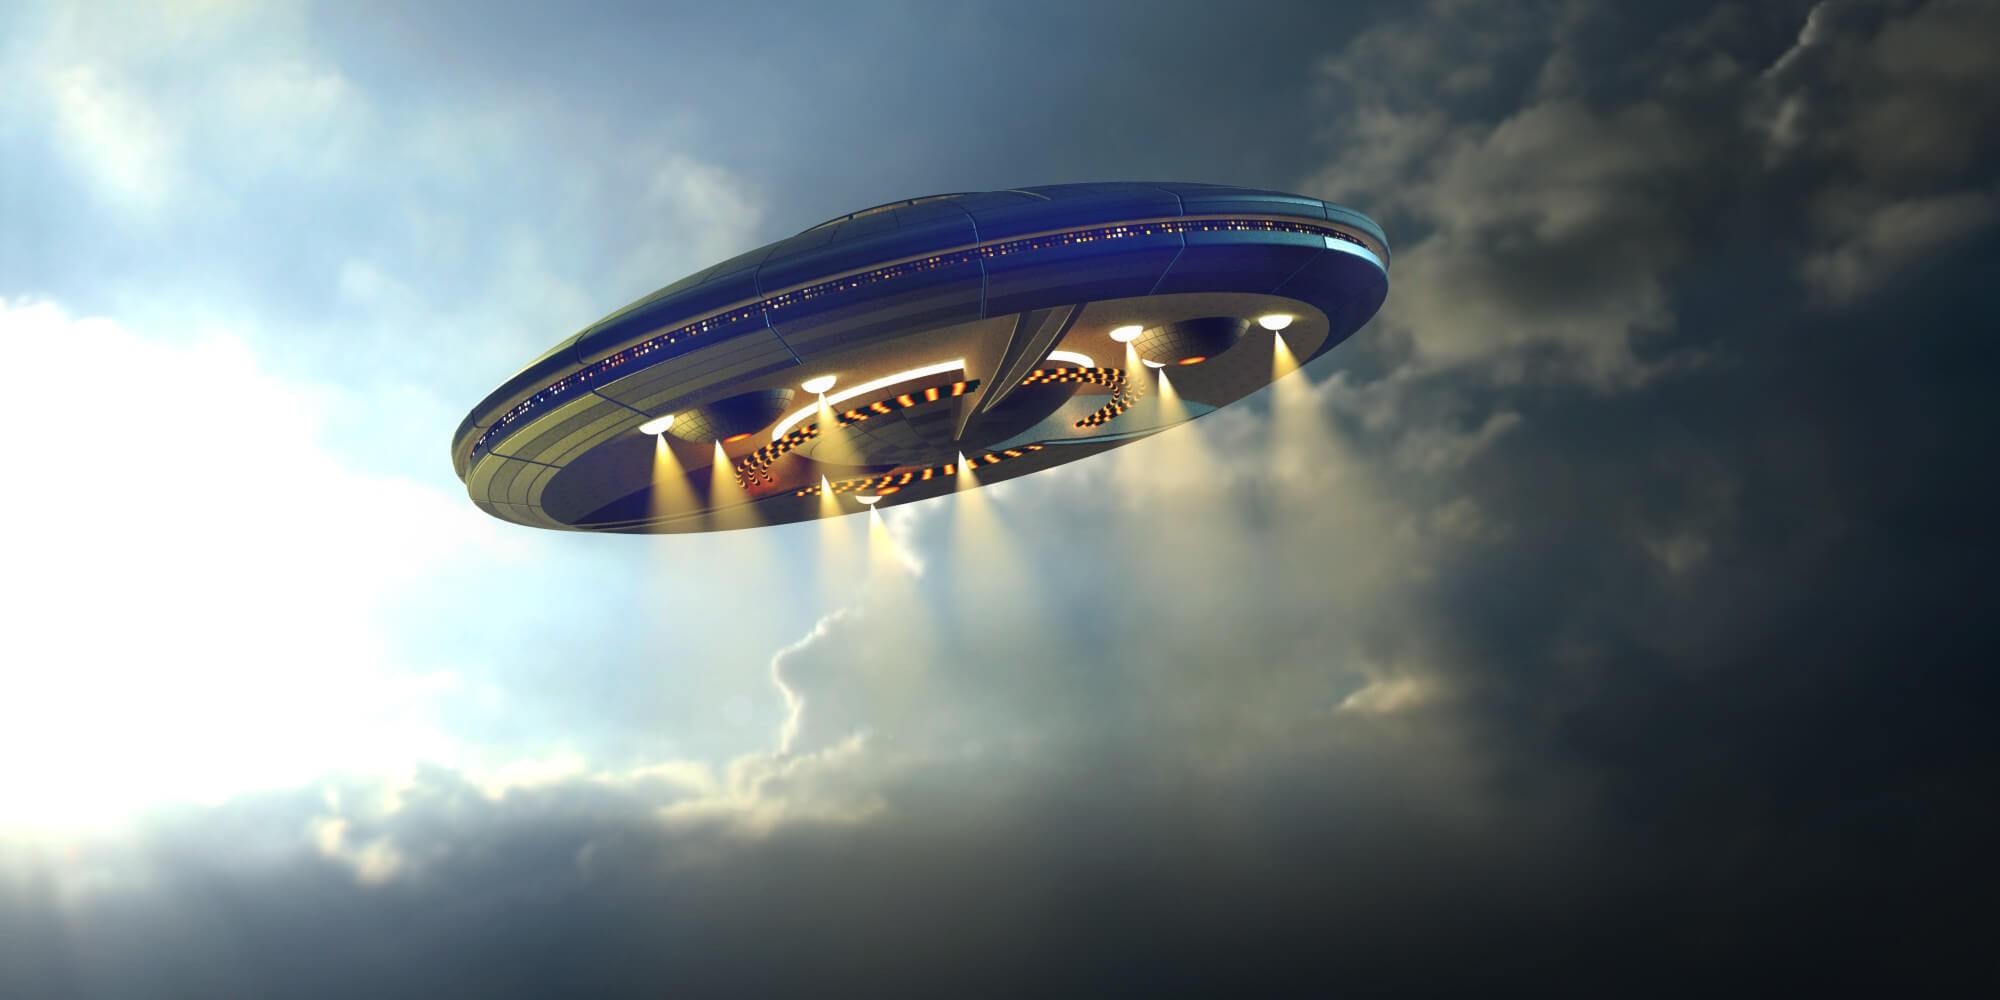 Невероятно, однако  факт: вЗоне-51 над Невадой свидетели  сняли НЛО